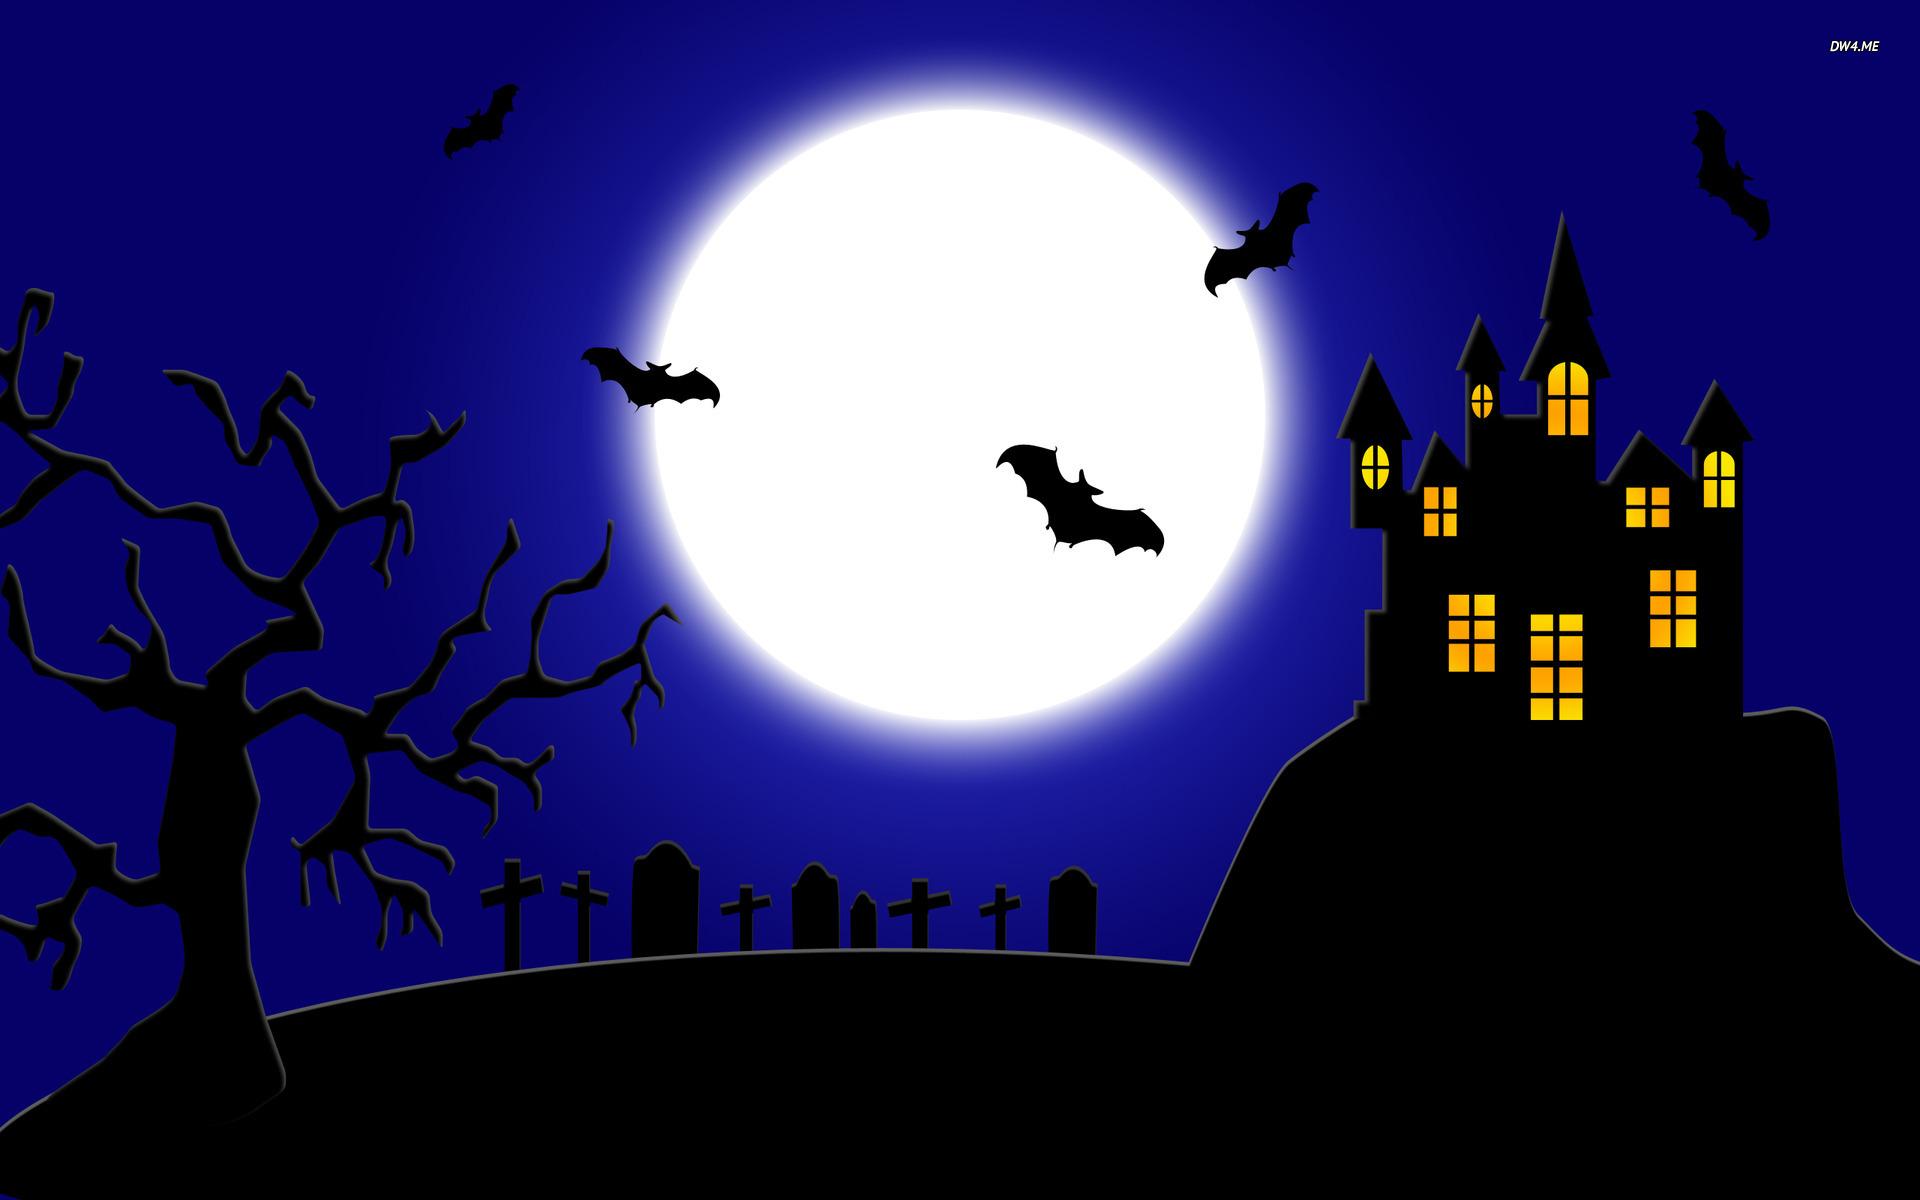 Spooky Halloween Backgrounds